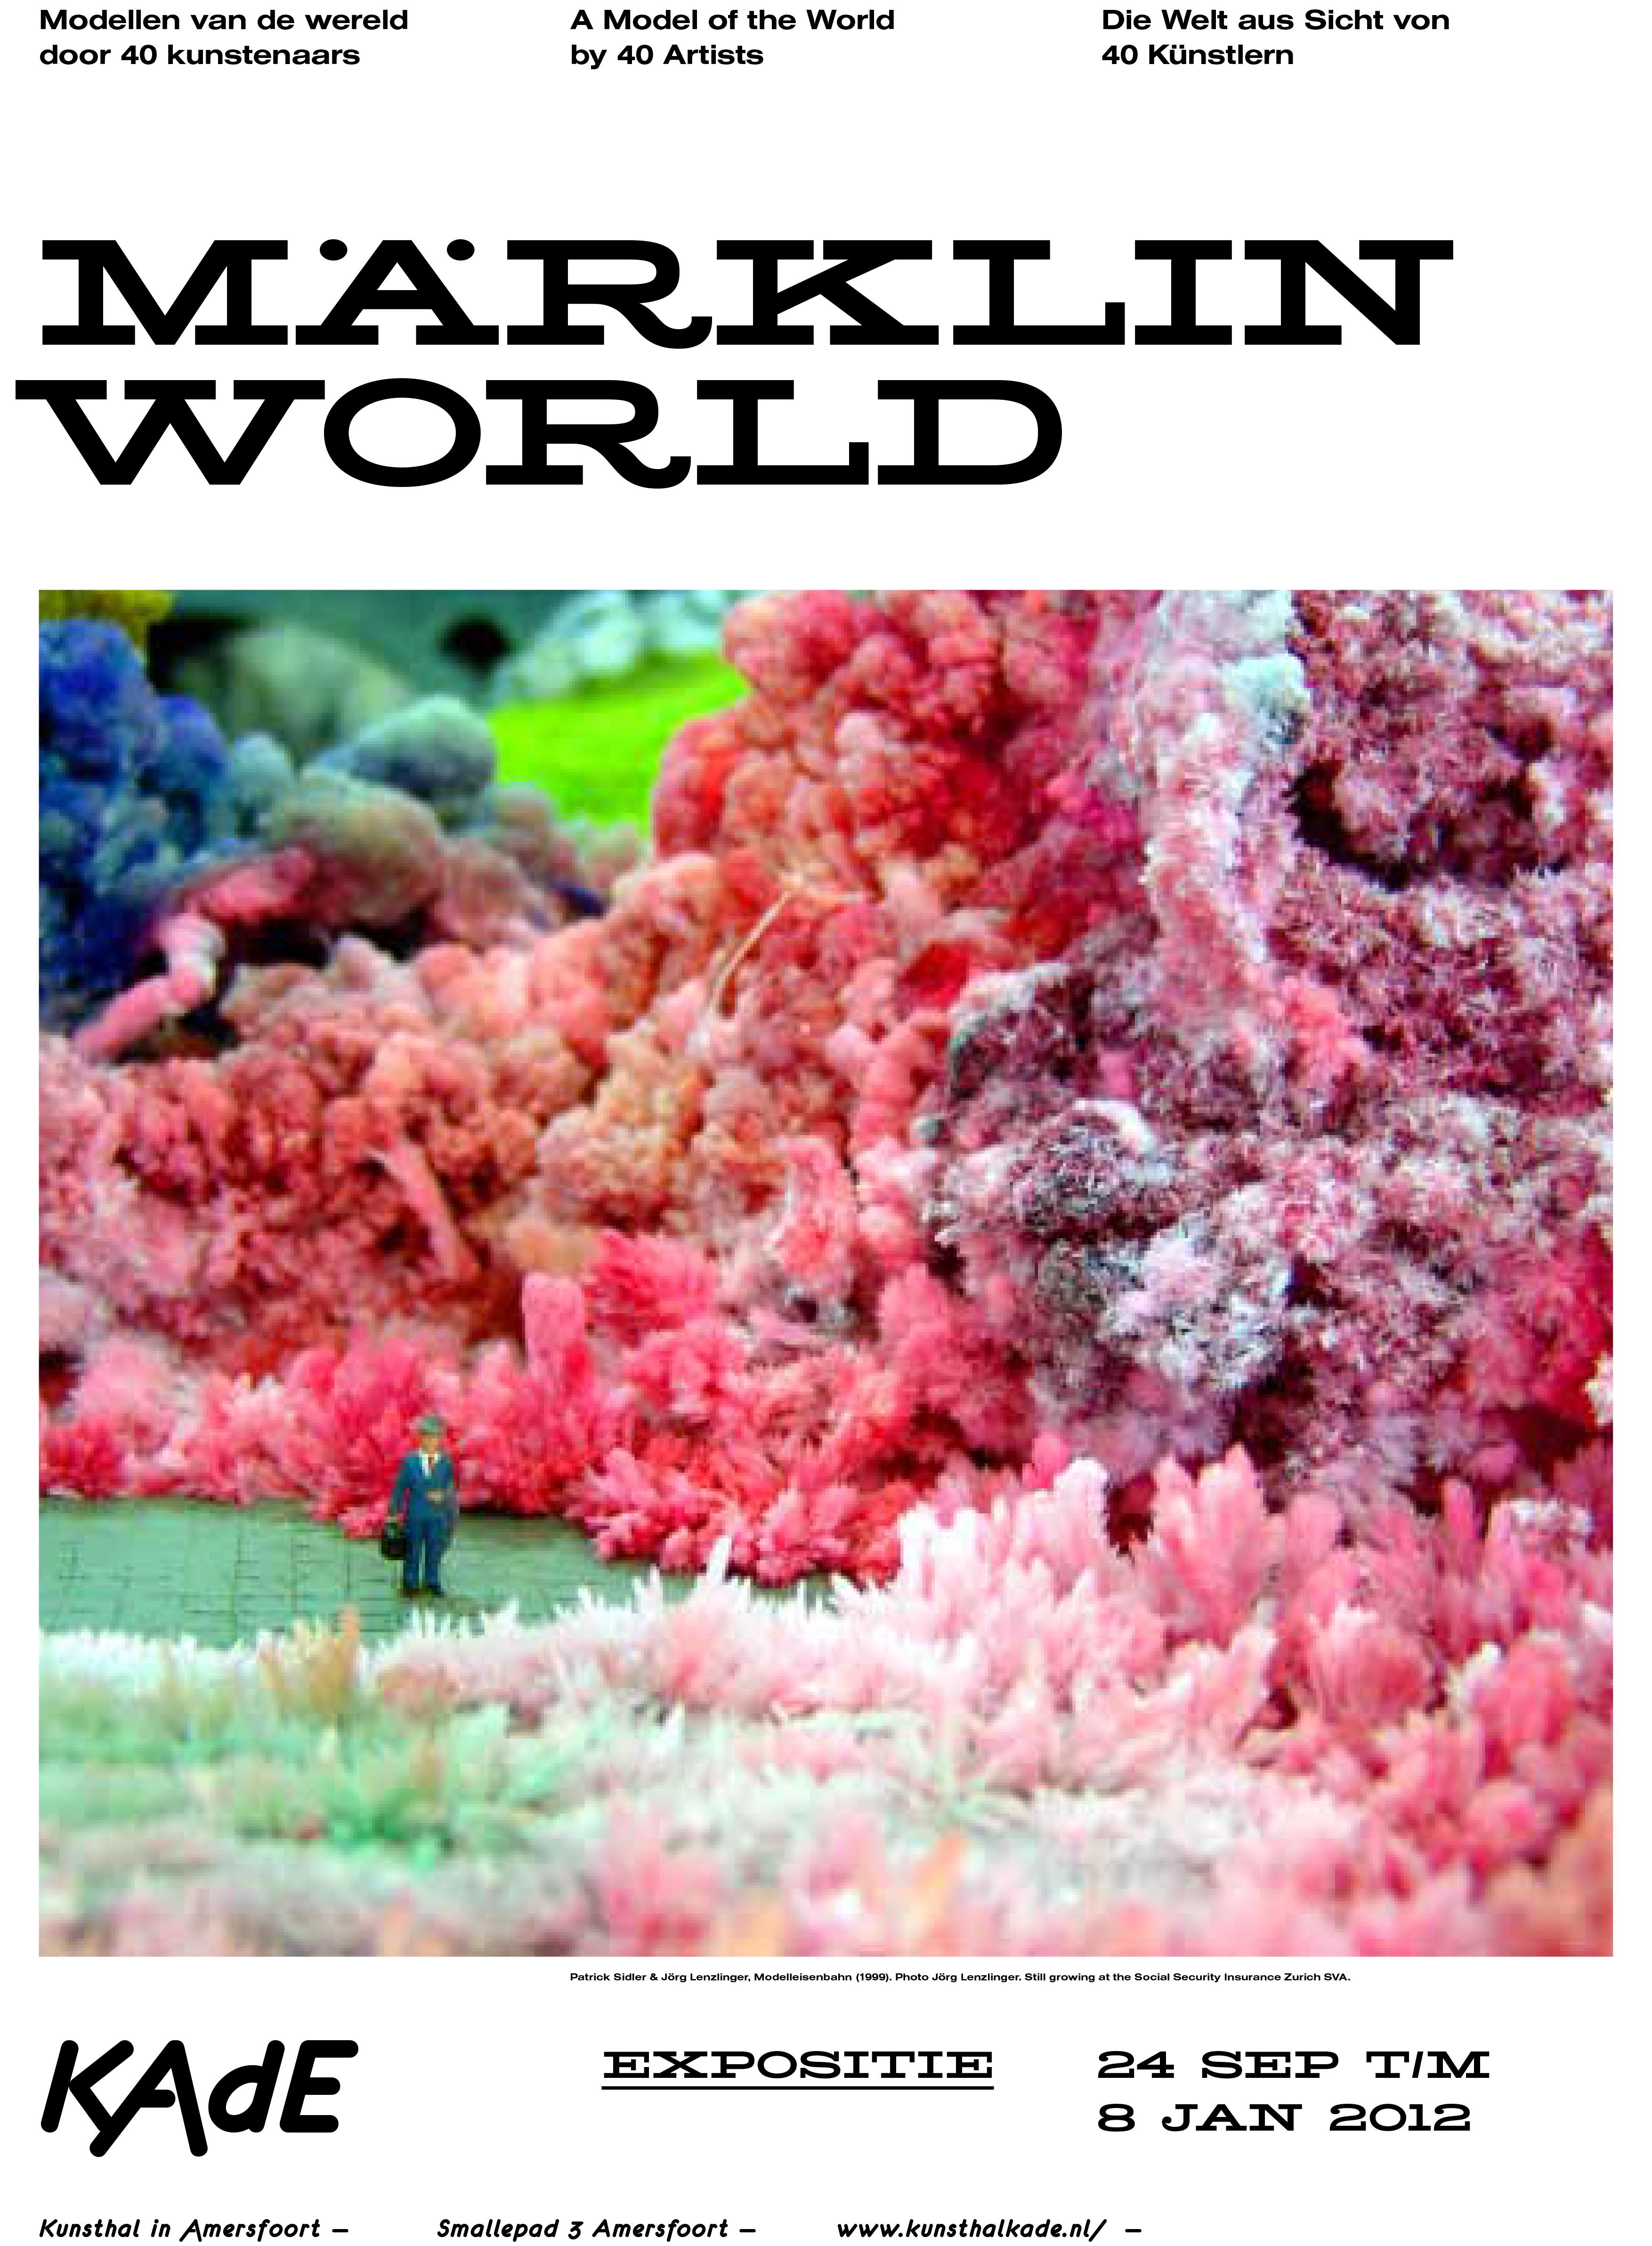 Marklinworld_poster2.jpg